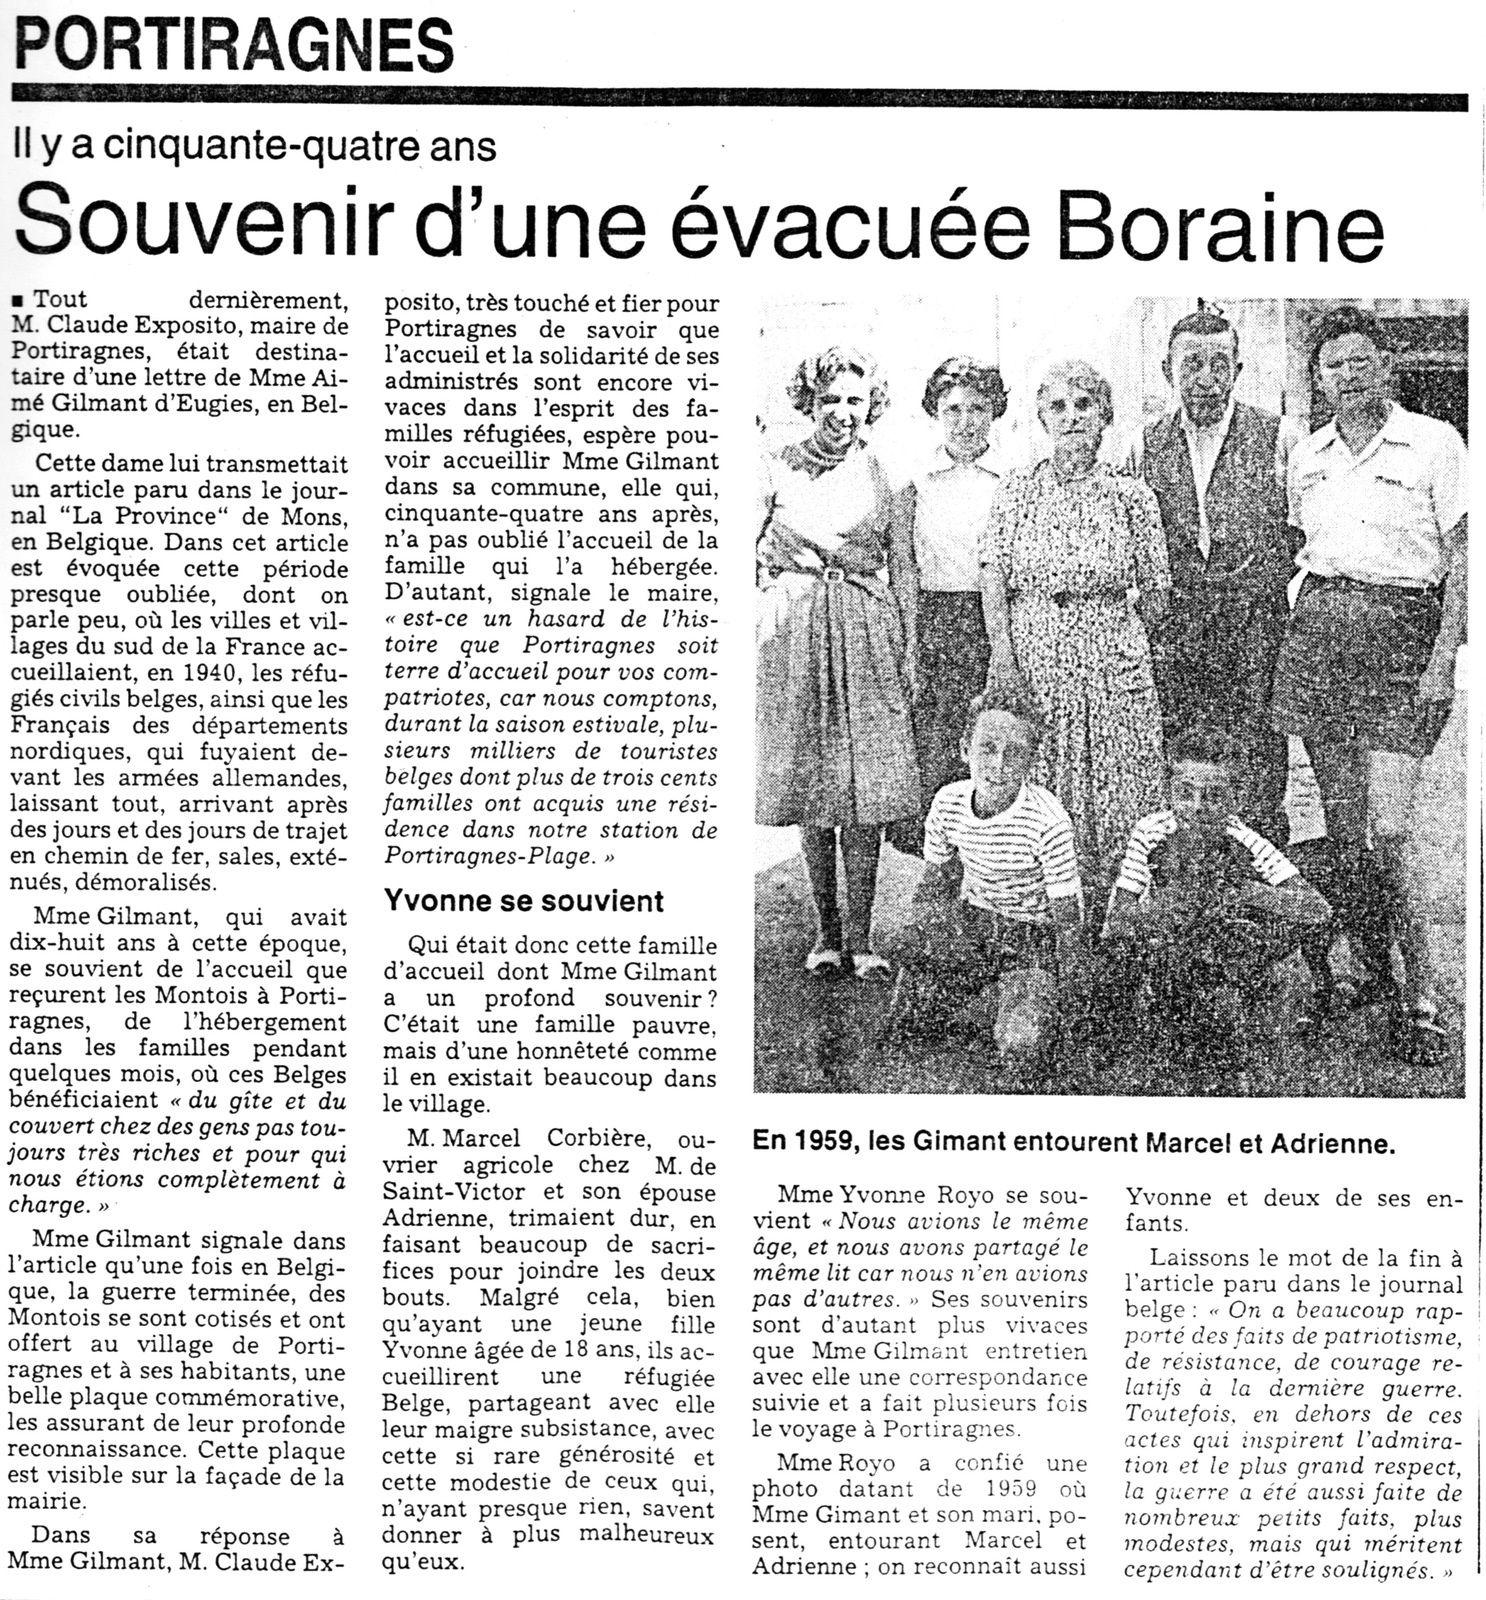 Extrait journal de 1994